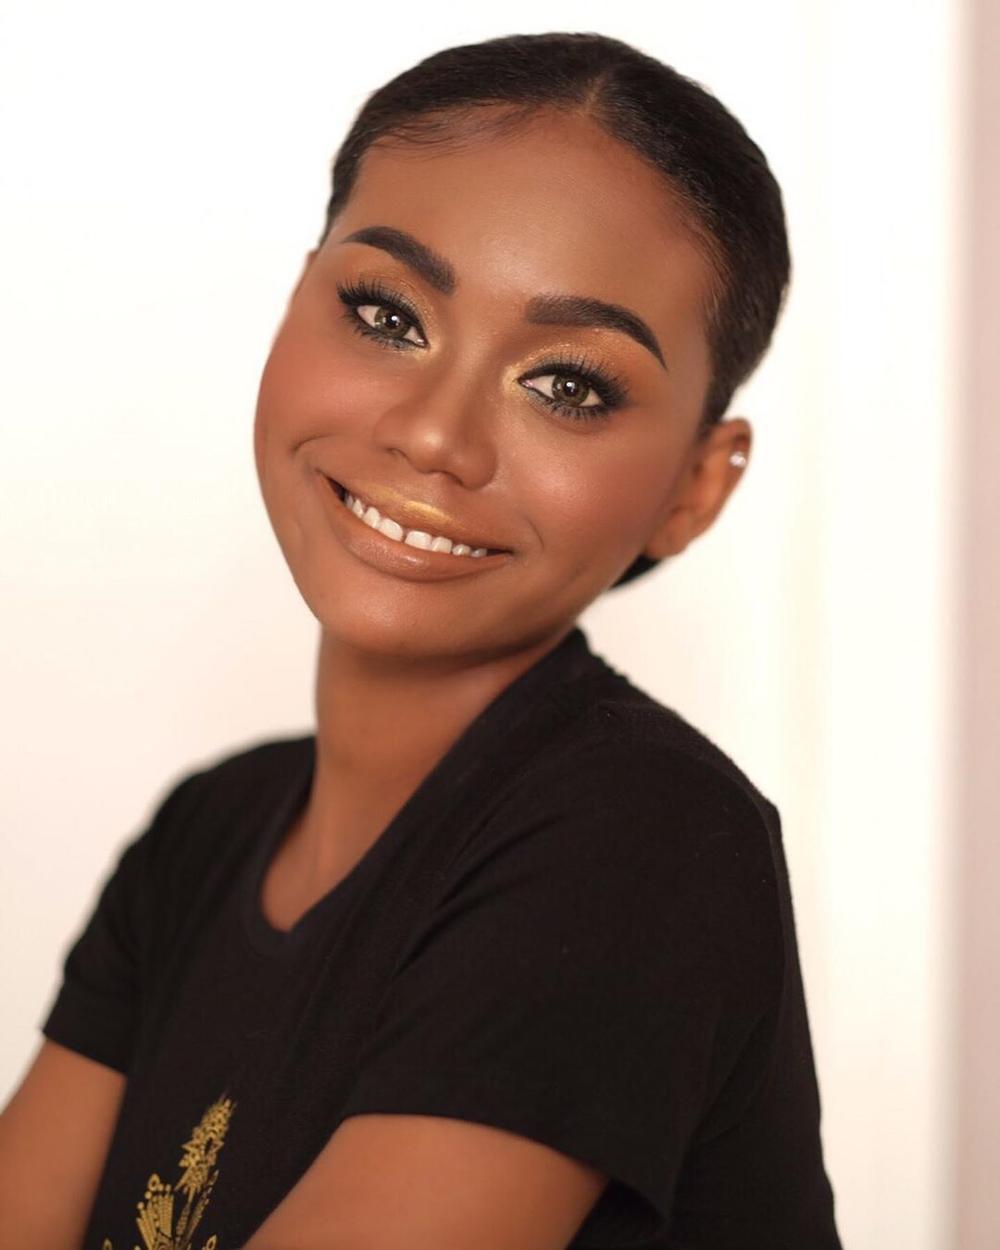 Nhan sắc da màu lai 3 dòng máu 'gây sốt' tại Miss Universe Thailand 2020, nghèo khó, sống ở khu ổ chuột, đi thi bằng xe buýt Ảnh 9